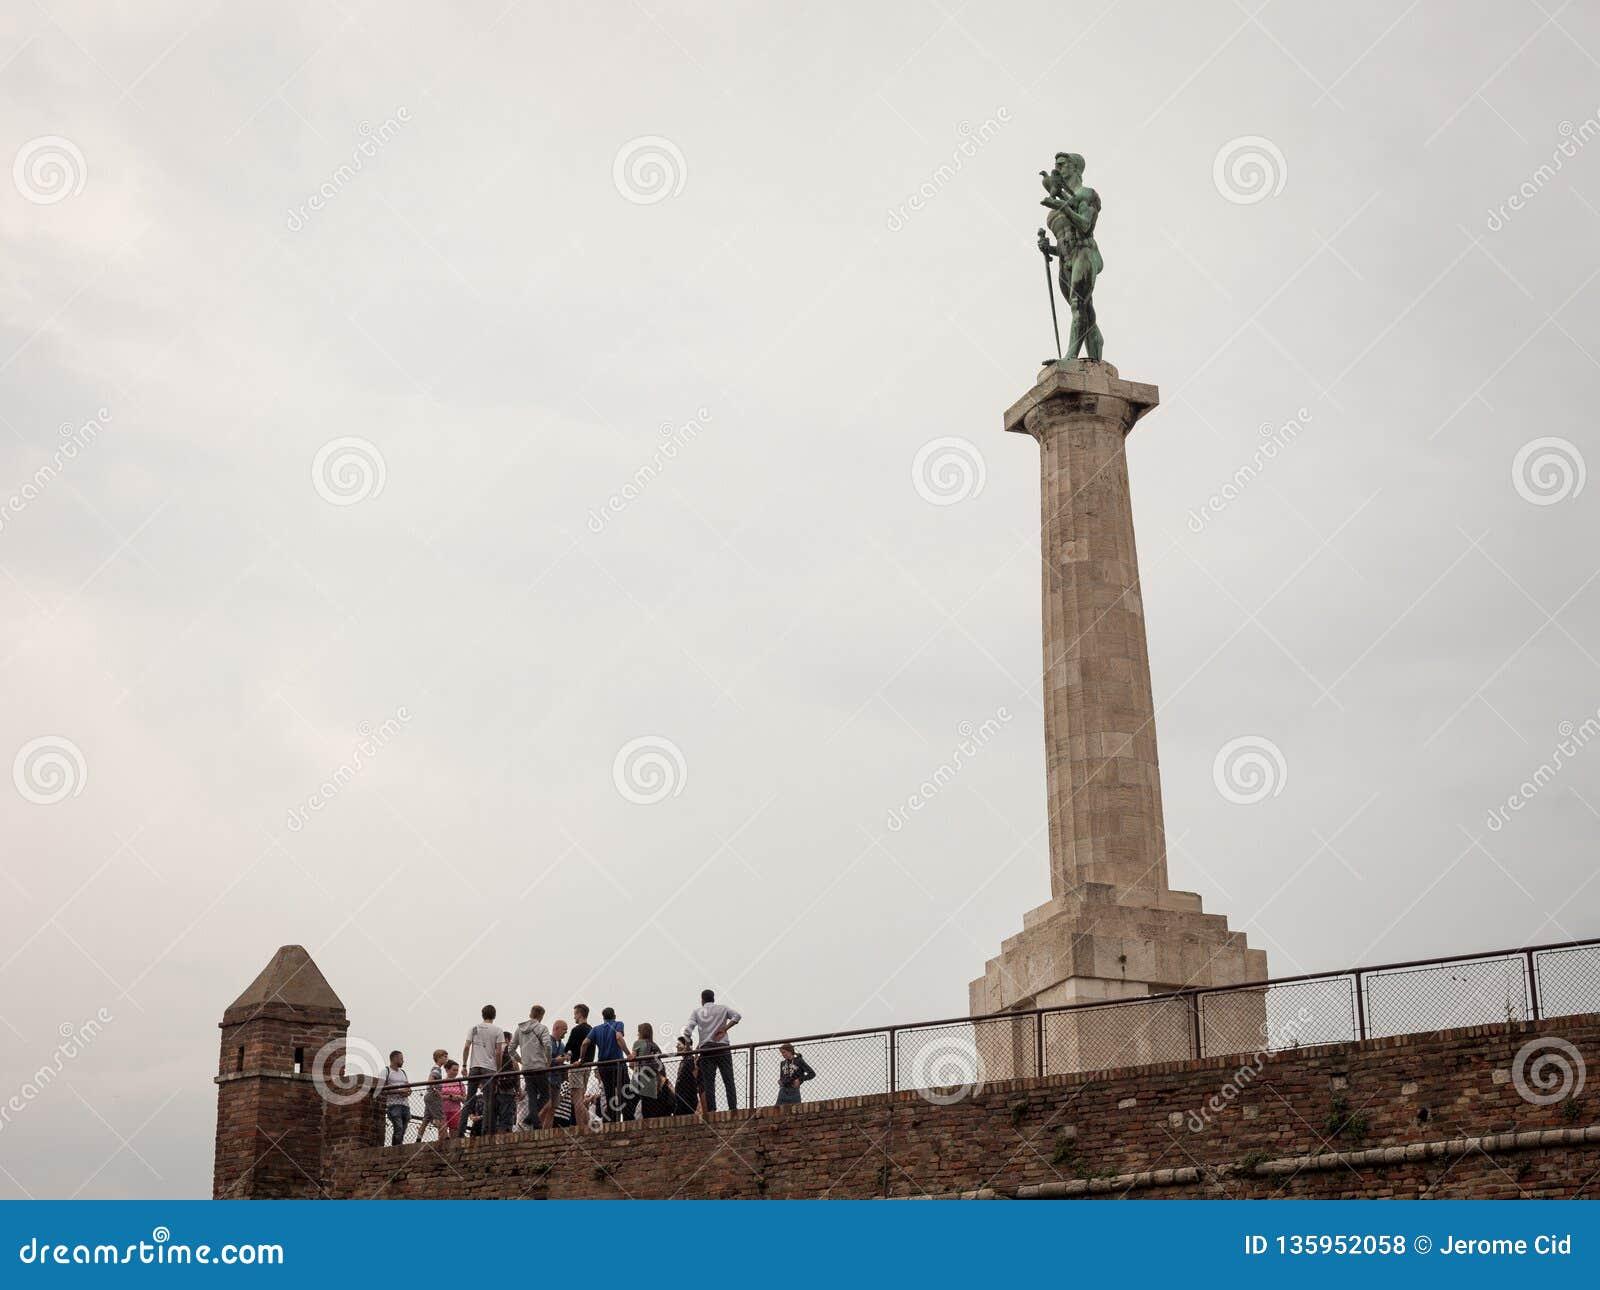 Toeristen die zich in die menigte voor Kampioenstandbeeld bevinden op Kalemegdan-vesting, van de bodem wordt gezien